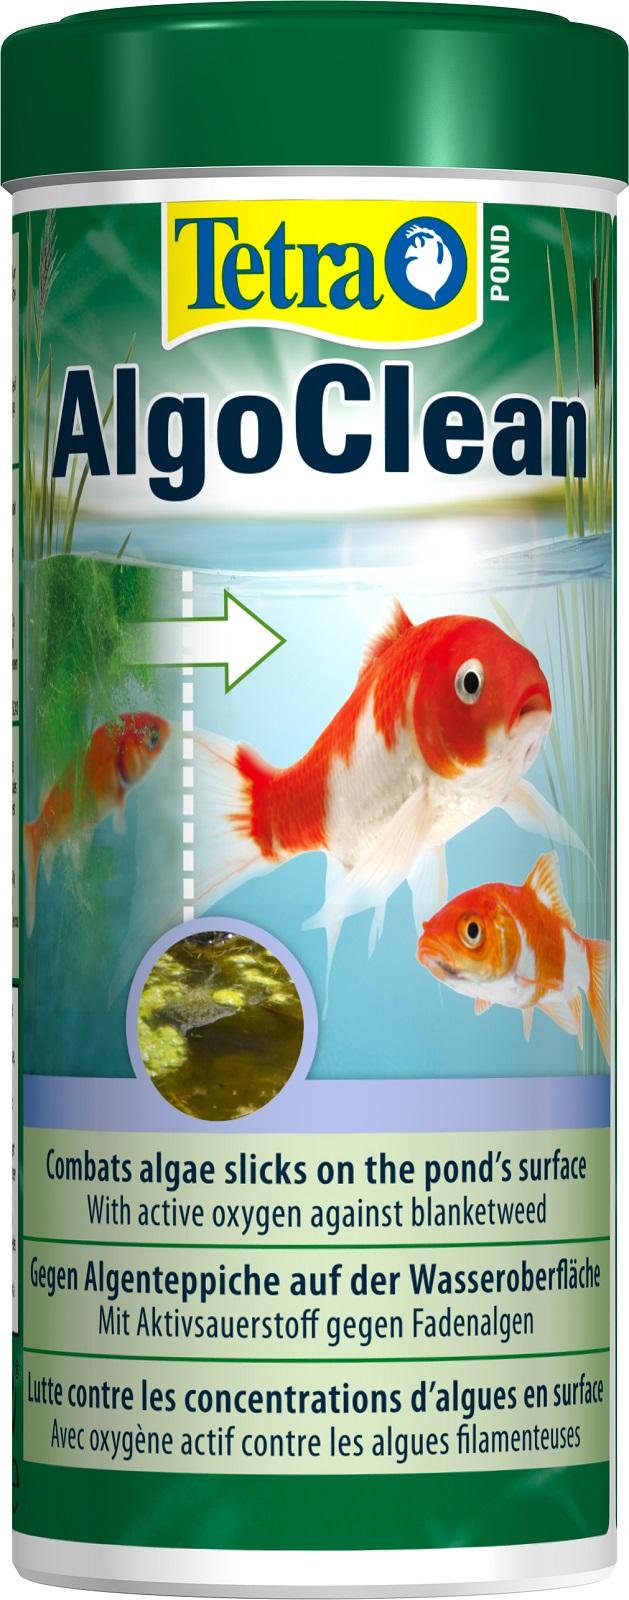 Tetra Pond Algo Clean 300 ml  gegen Algenteppich auf Wasseroberfläche.Teich